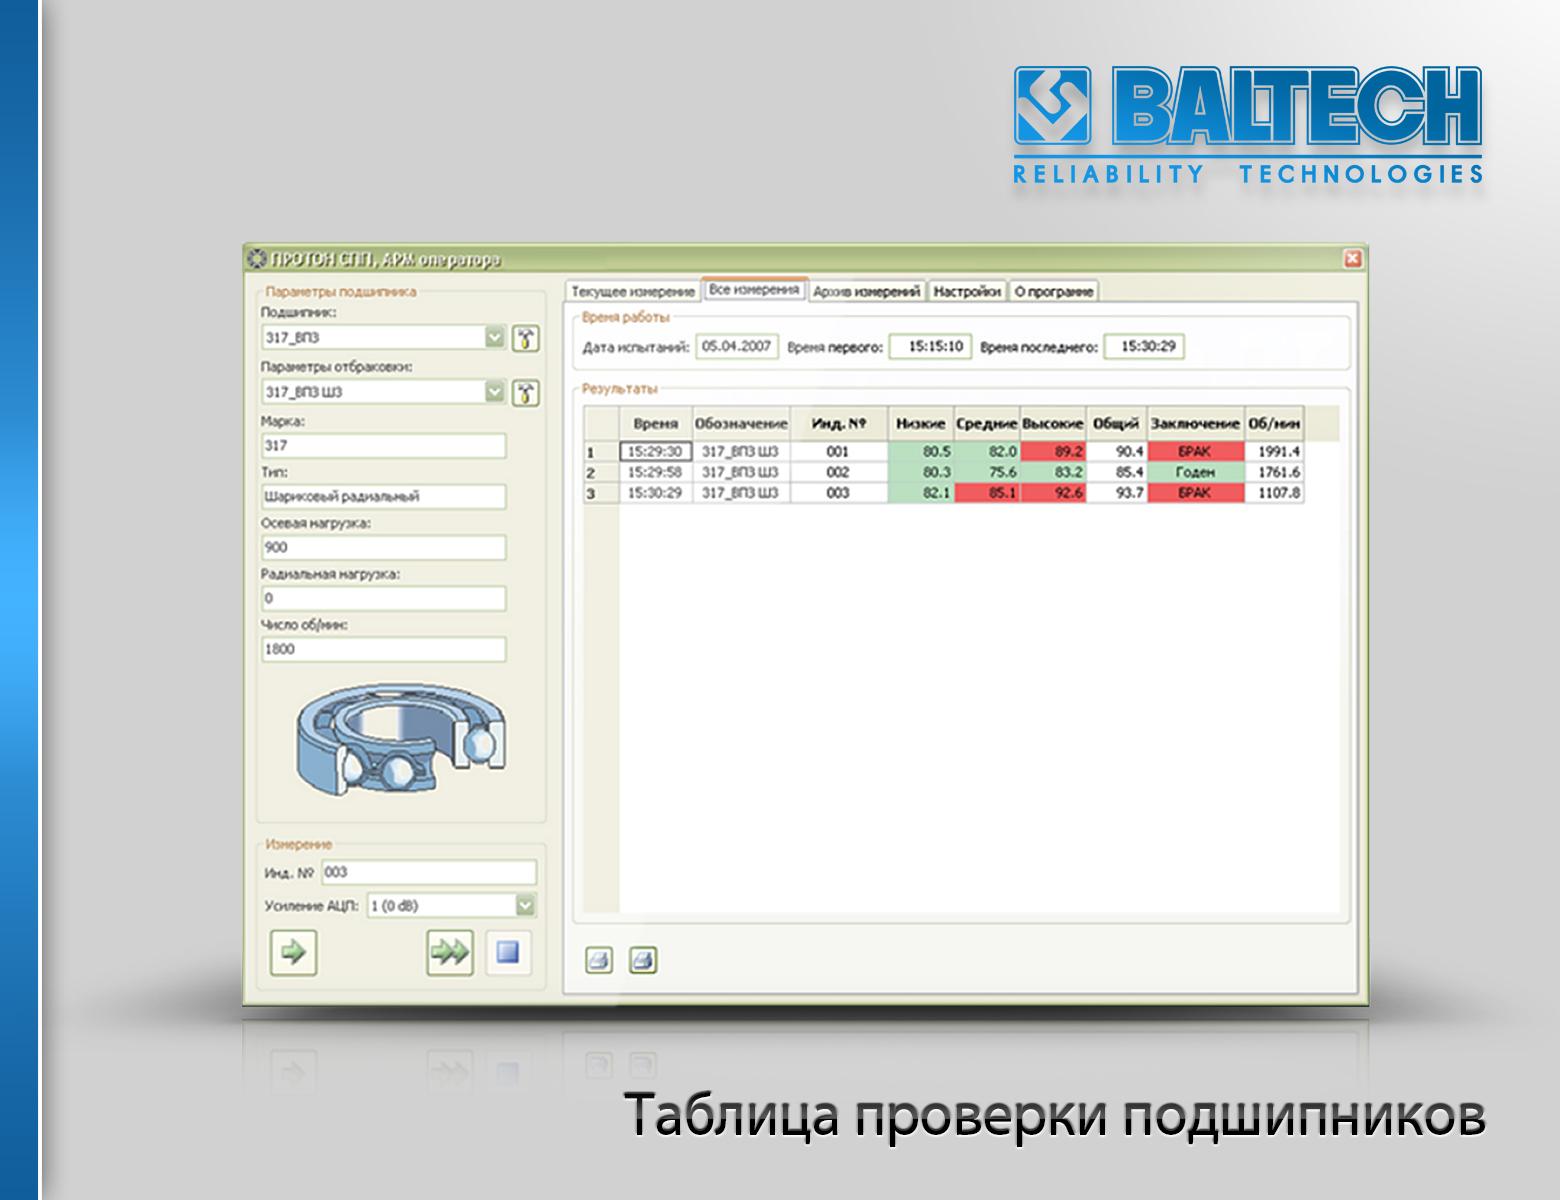 Контроль подшипников, диагностика подшипников, таблица проверки подшипников